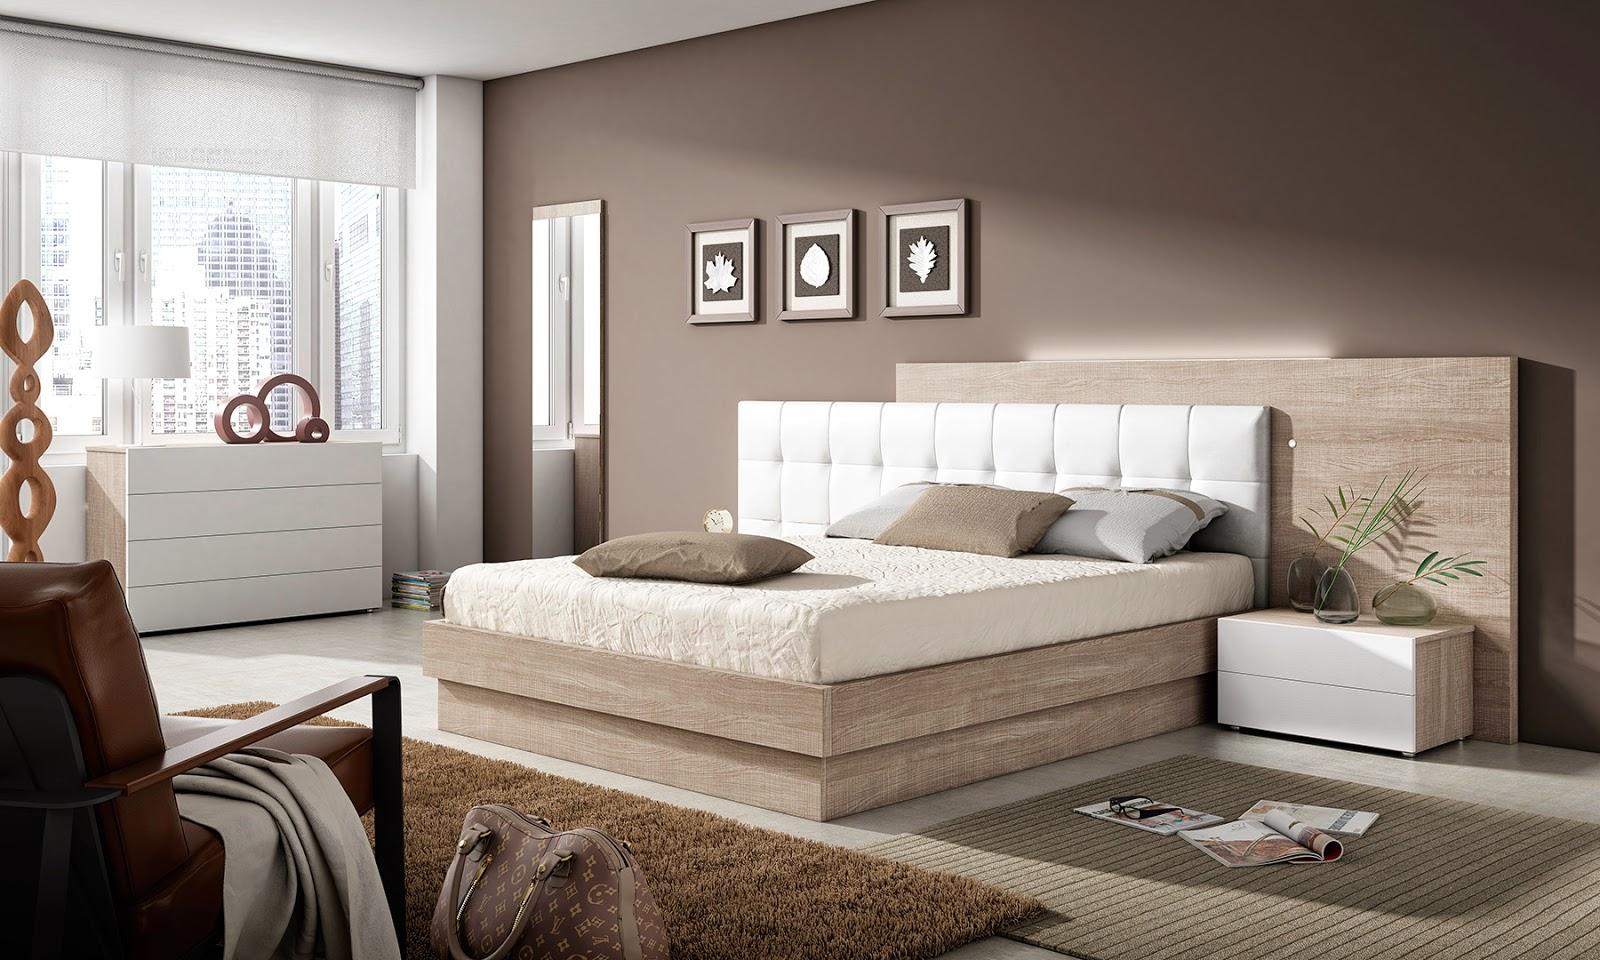 Muebles josemari muebles de dormitorio lacados - Catalogo decoracion interiores ...